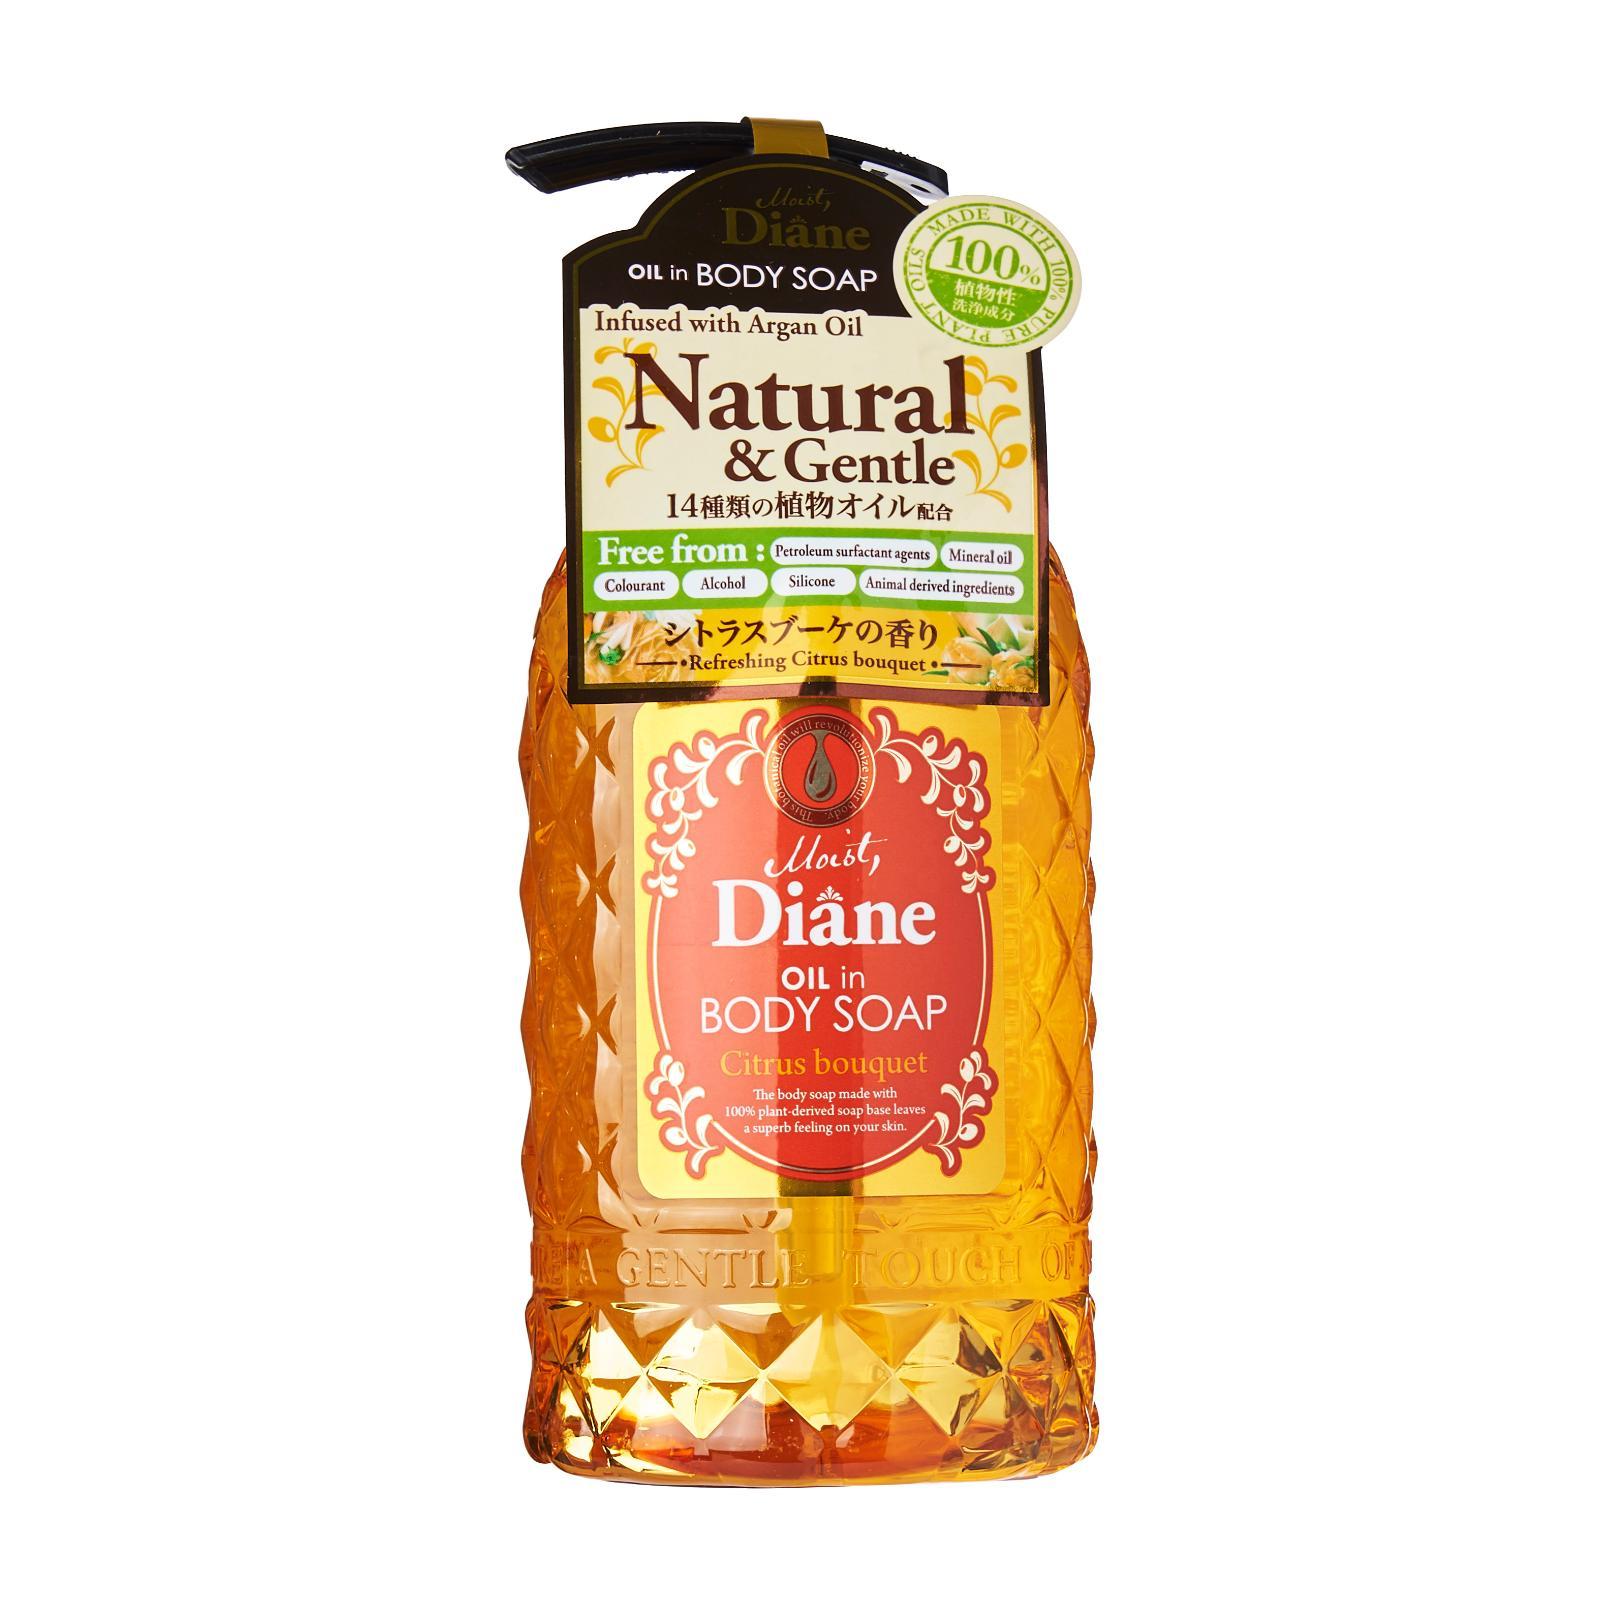 Moist Diane Oil in Body Soap Citrus Bouquet